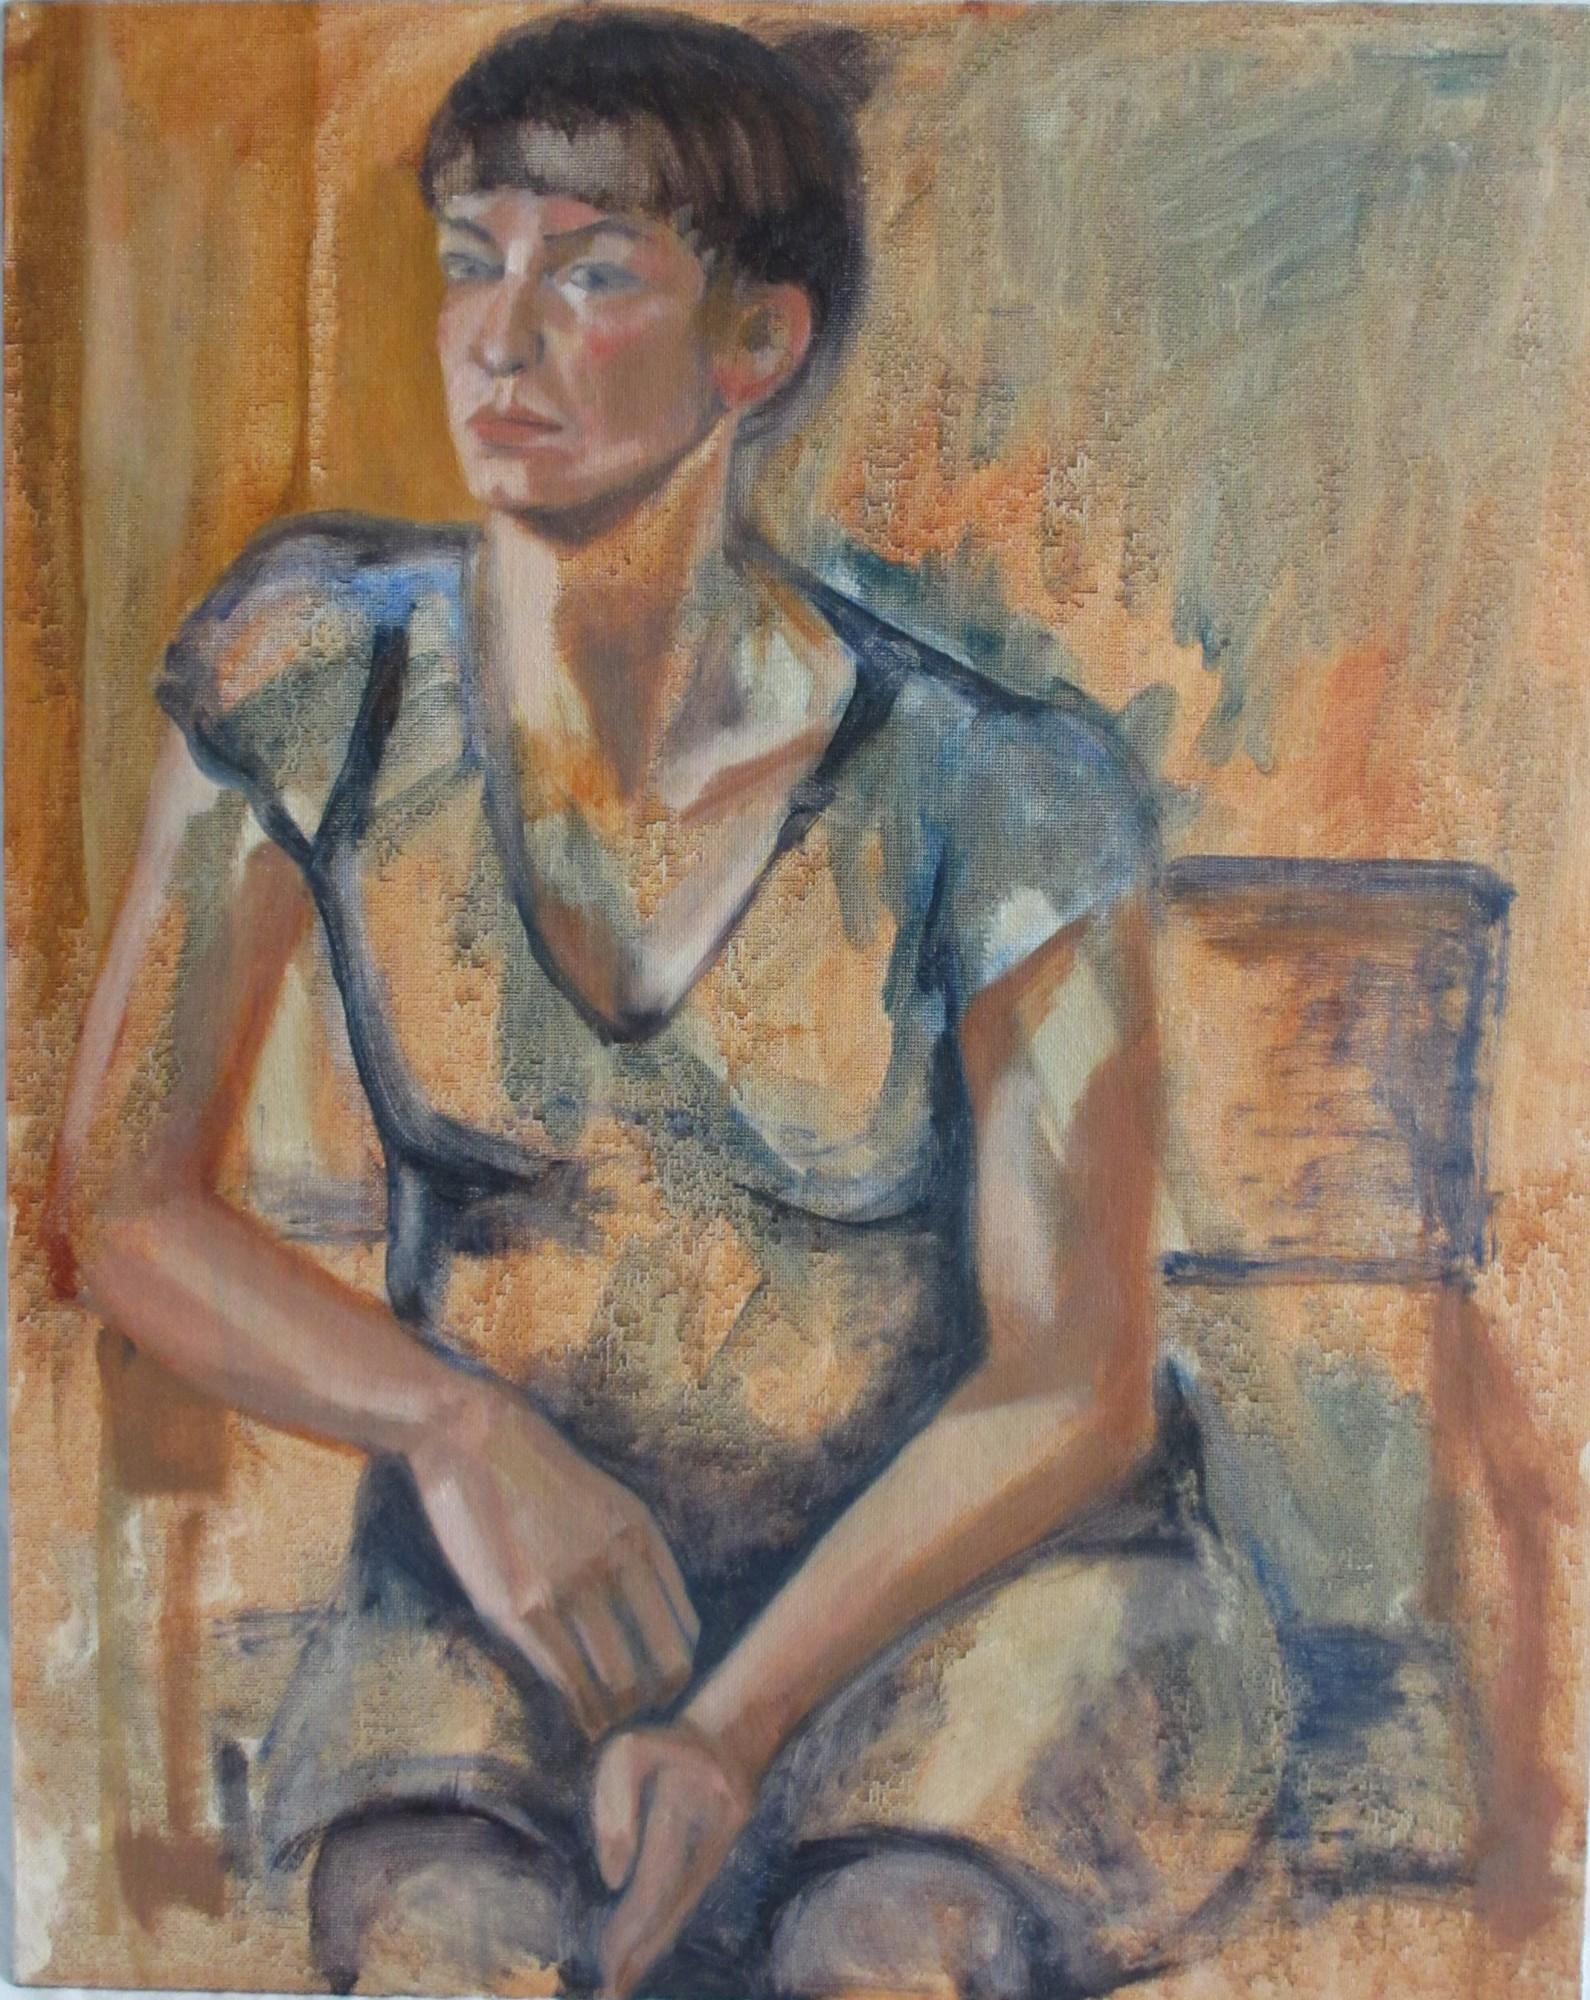 Ellen Hausner Painter Oxford Marie (oil on board), 2012